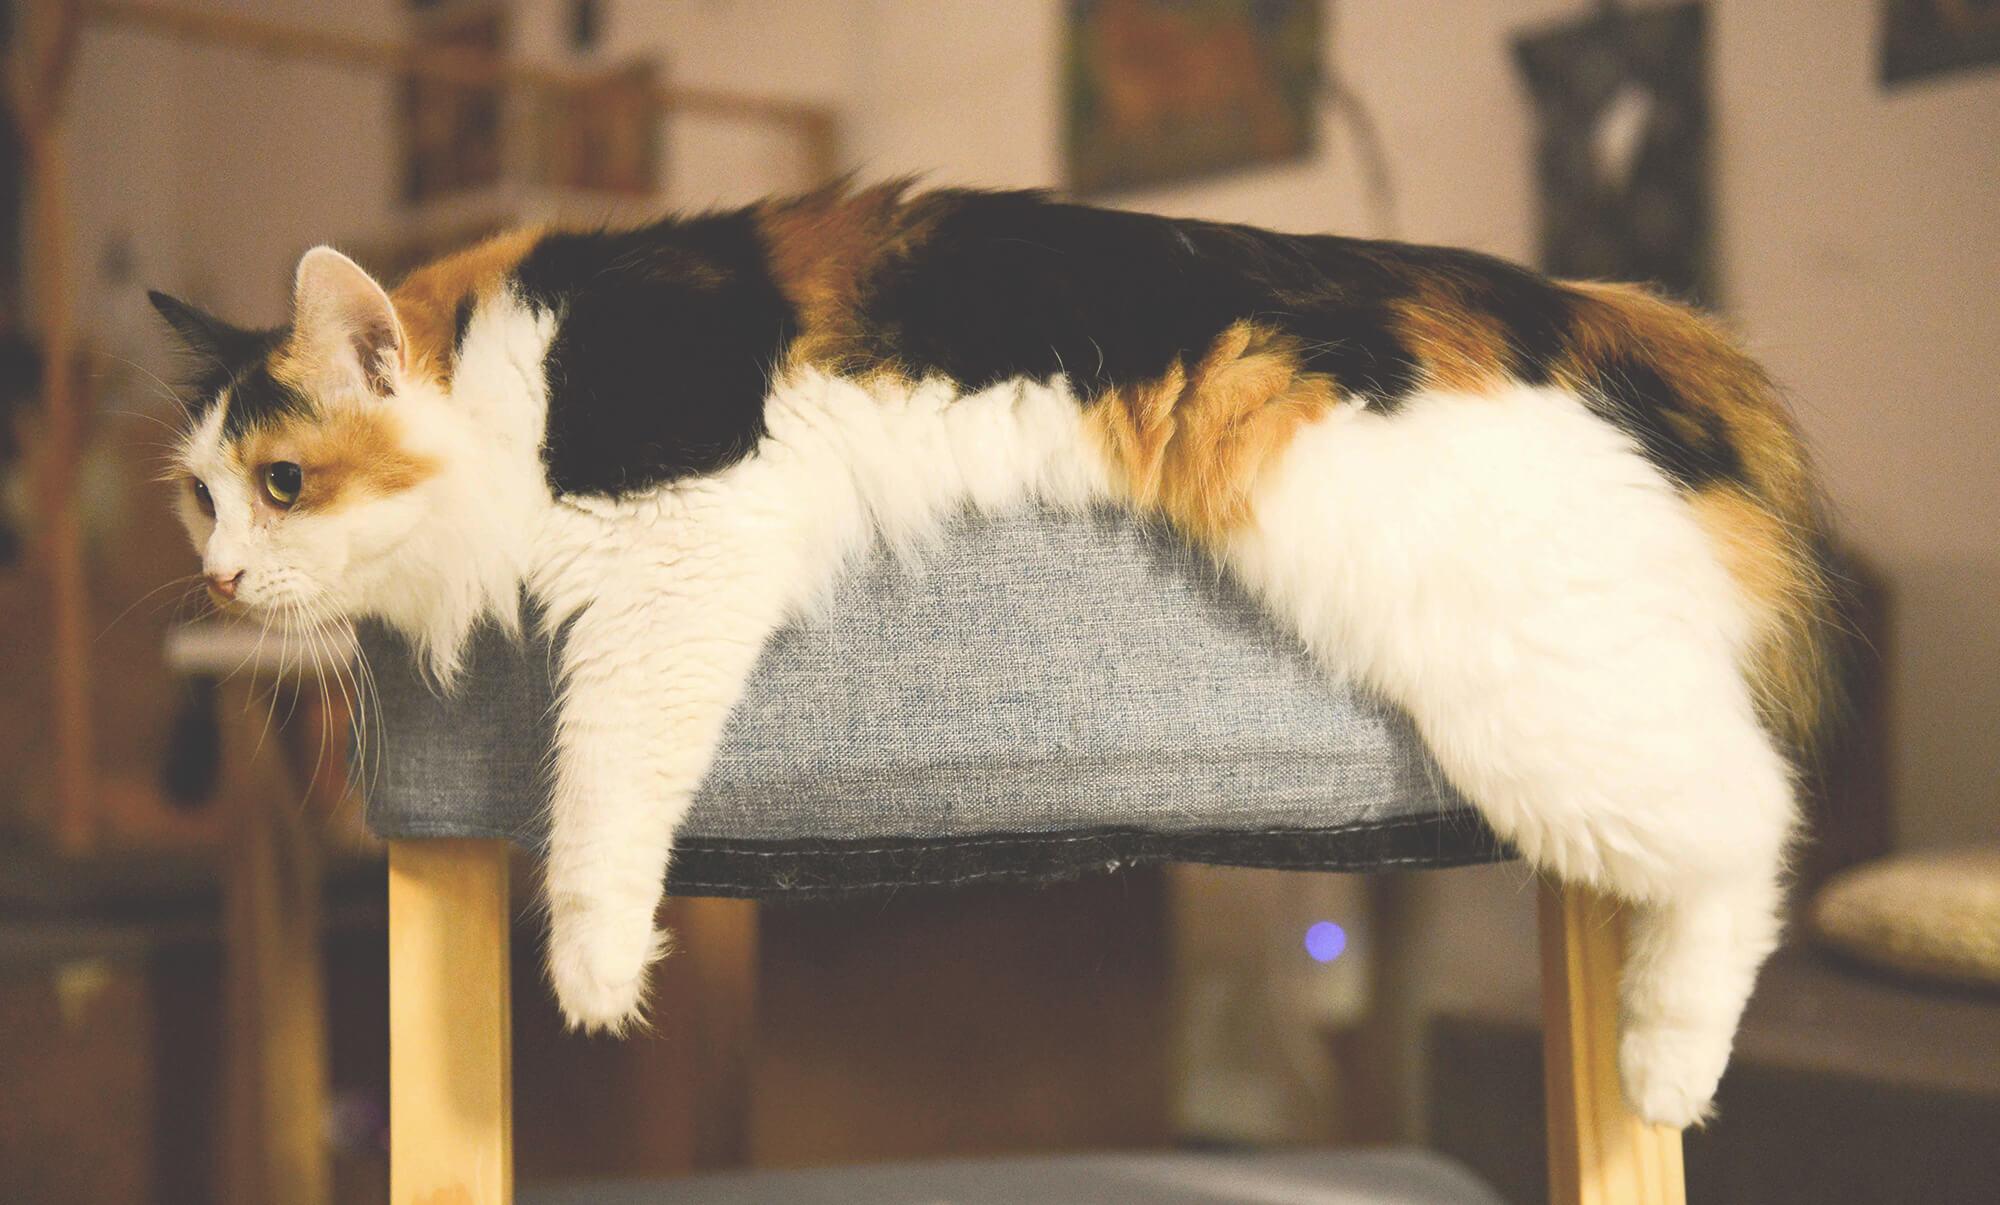 毛 猫 オス 値段 三 雑種の猫の種類8選!日本で一番多い雑種猫の性格や魅力を大解剖!